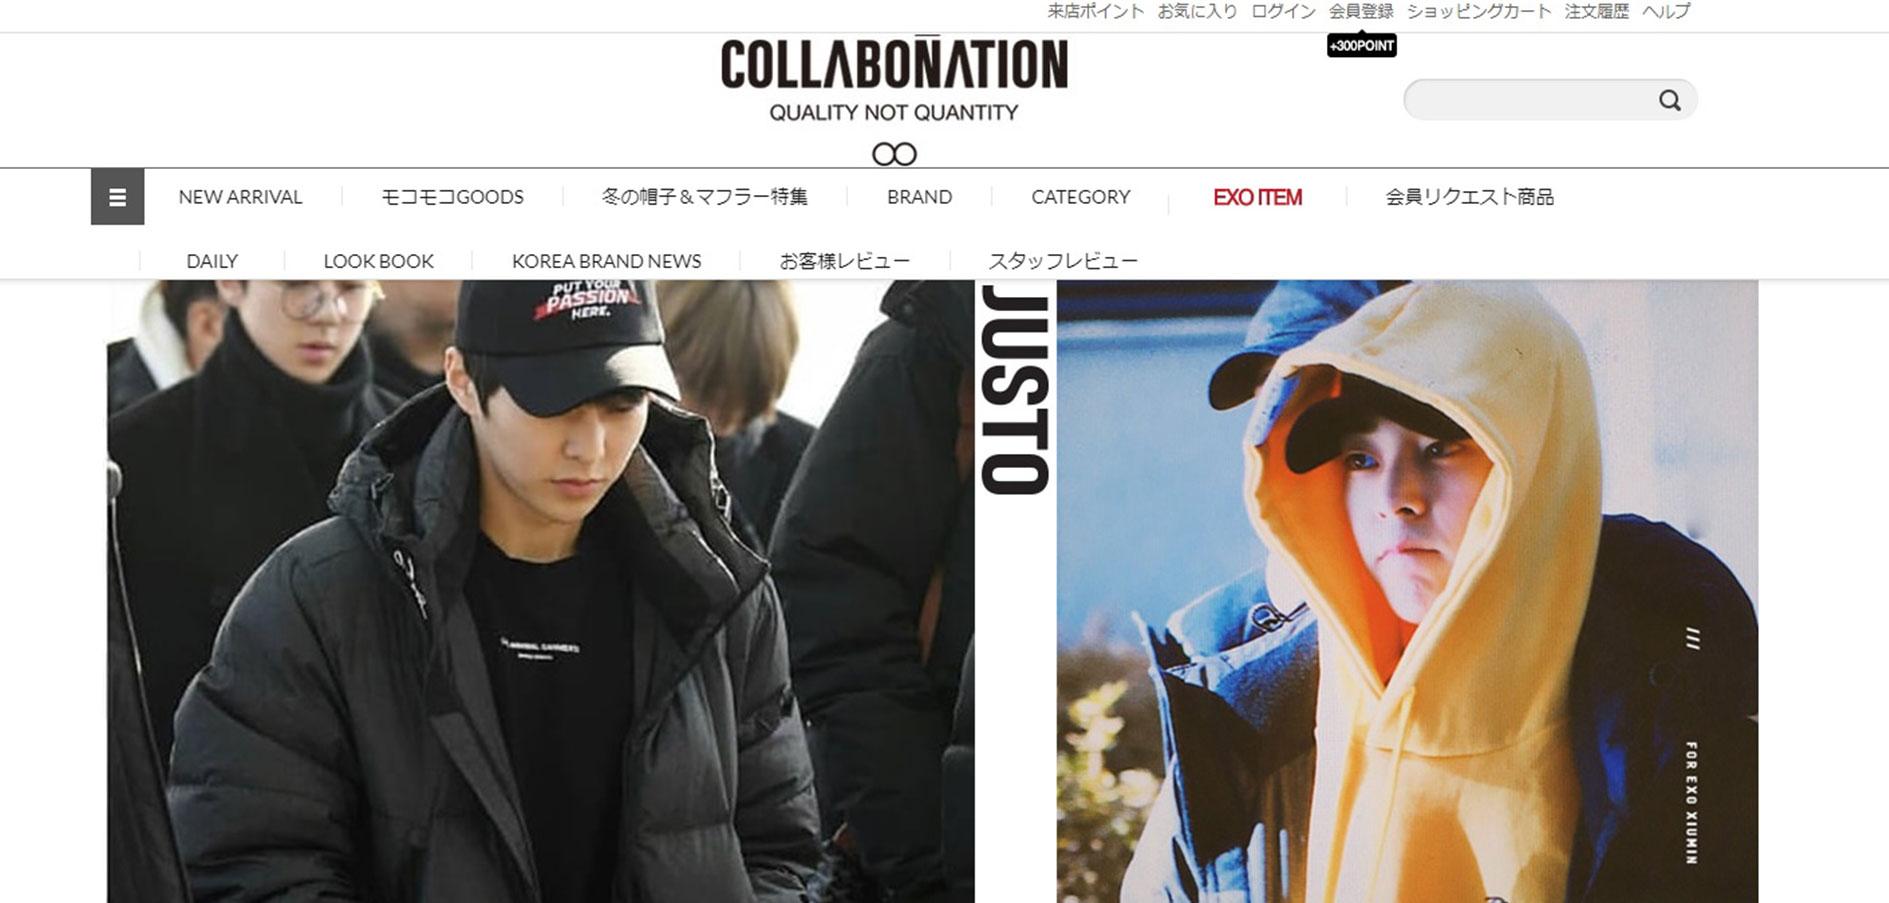 オシャレ男子に人気のメンズ韓国服(オルチャンファッション)通販サイトのCOLLABONATION(コラボネーション)